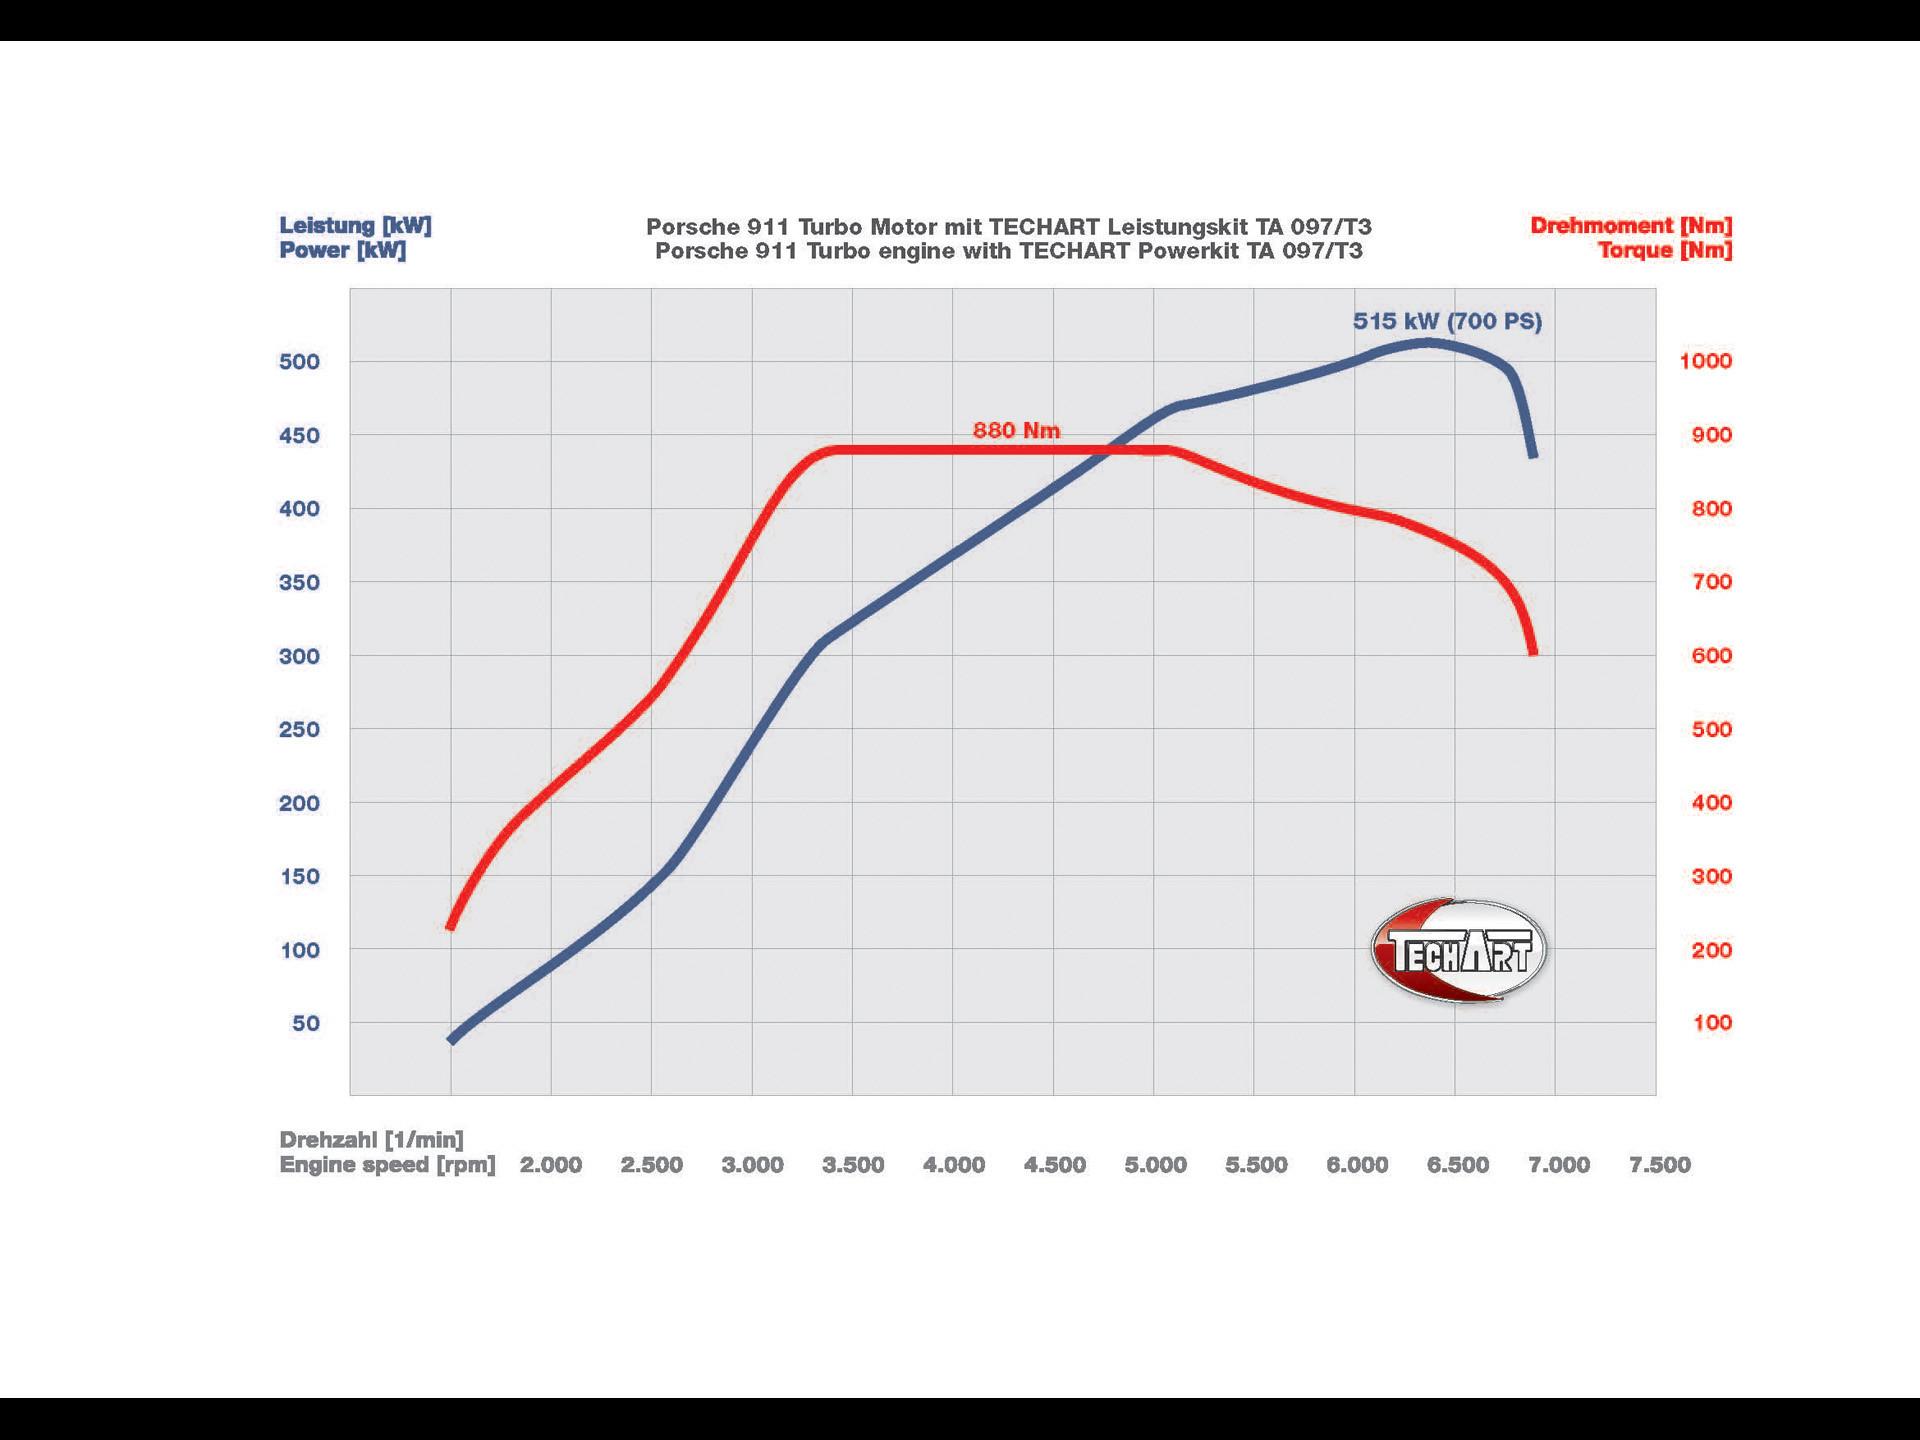 Wallpaper conversion chart 40 images 1920x1440 2011 techart porsche gtstreet rs power kit performance chart 1920x1440 wallpaper geenschuldenfo Image collections